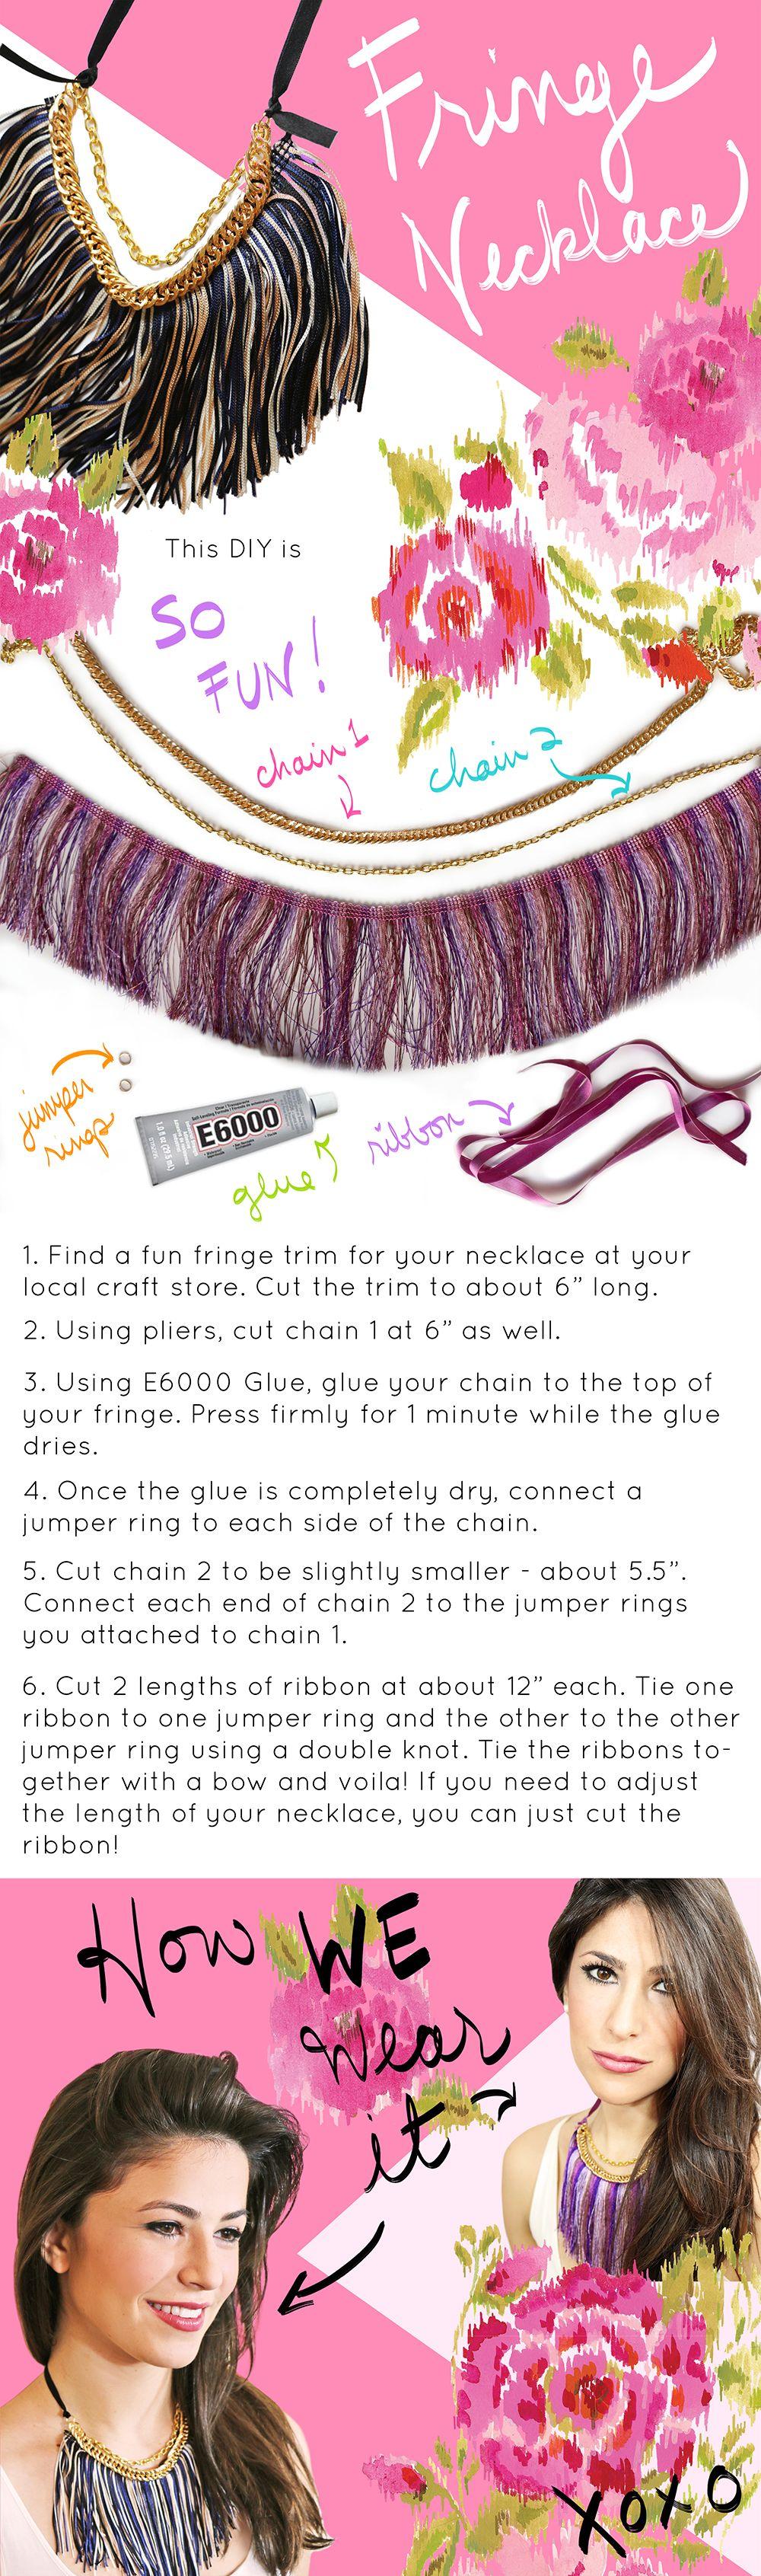 Do it yourself Fringe Necklace